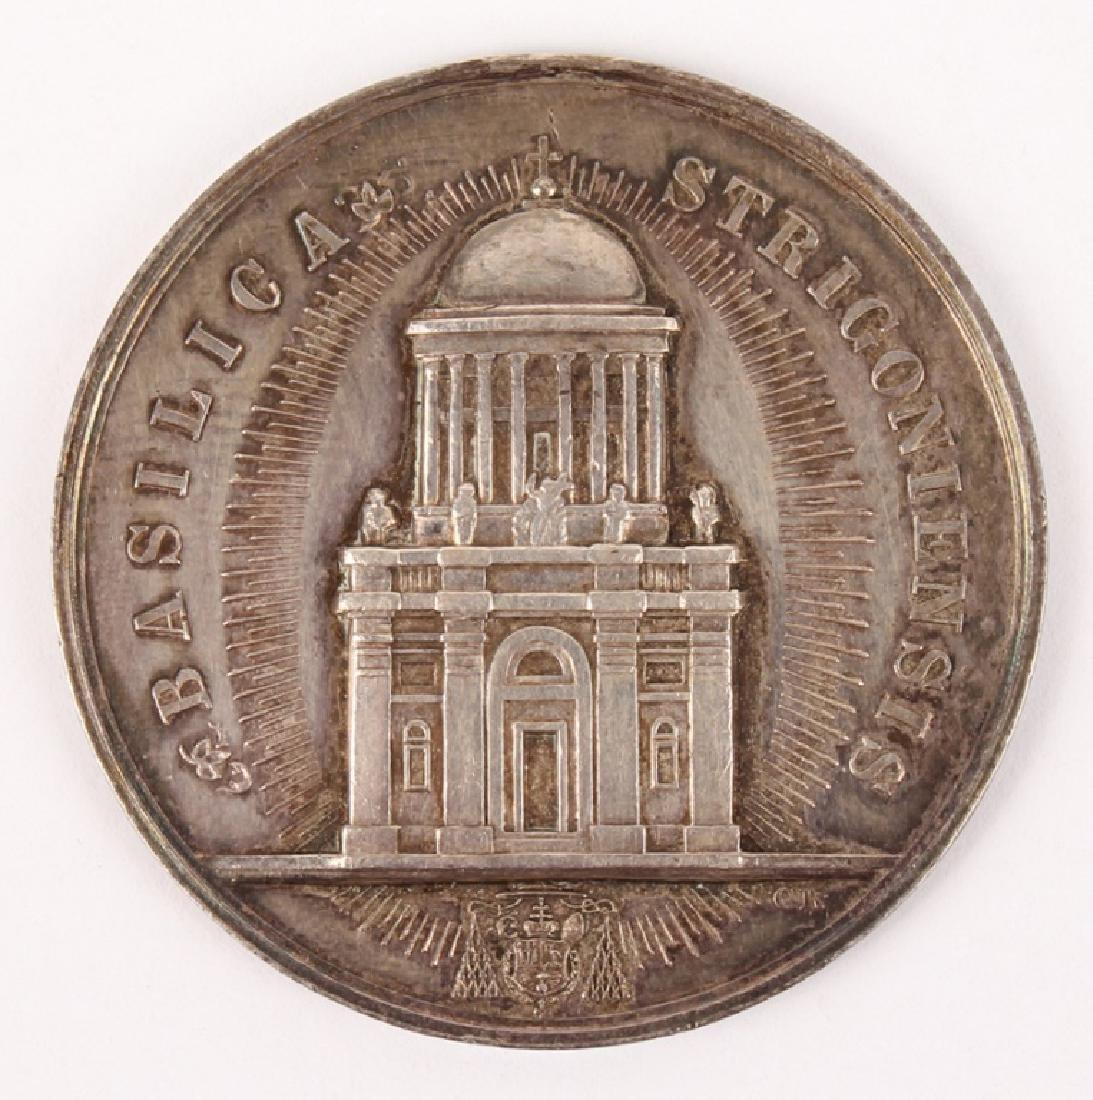 1856 BASILICA STRIGONIENSIS SILVER MEDAL